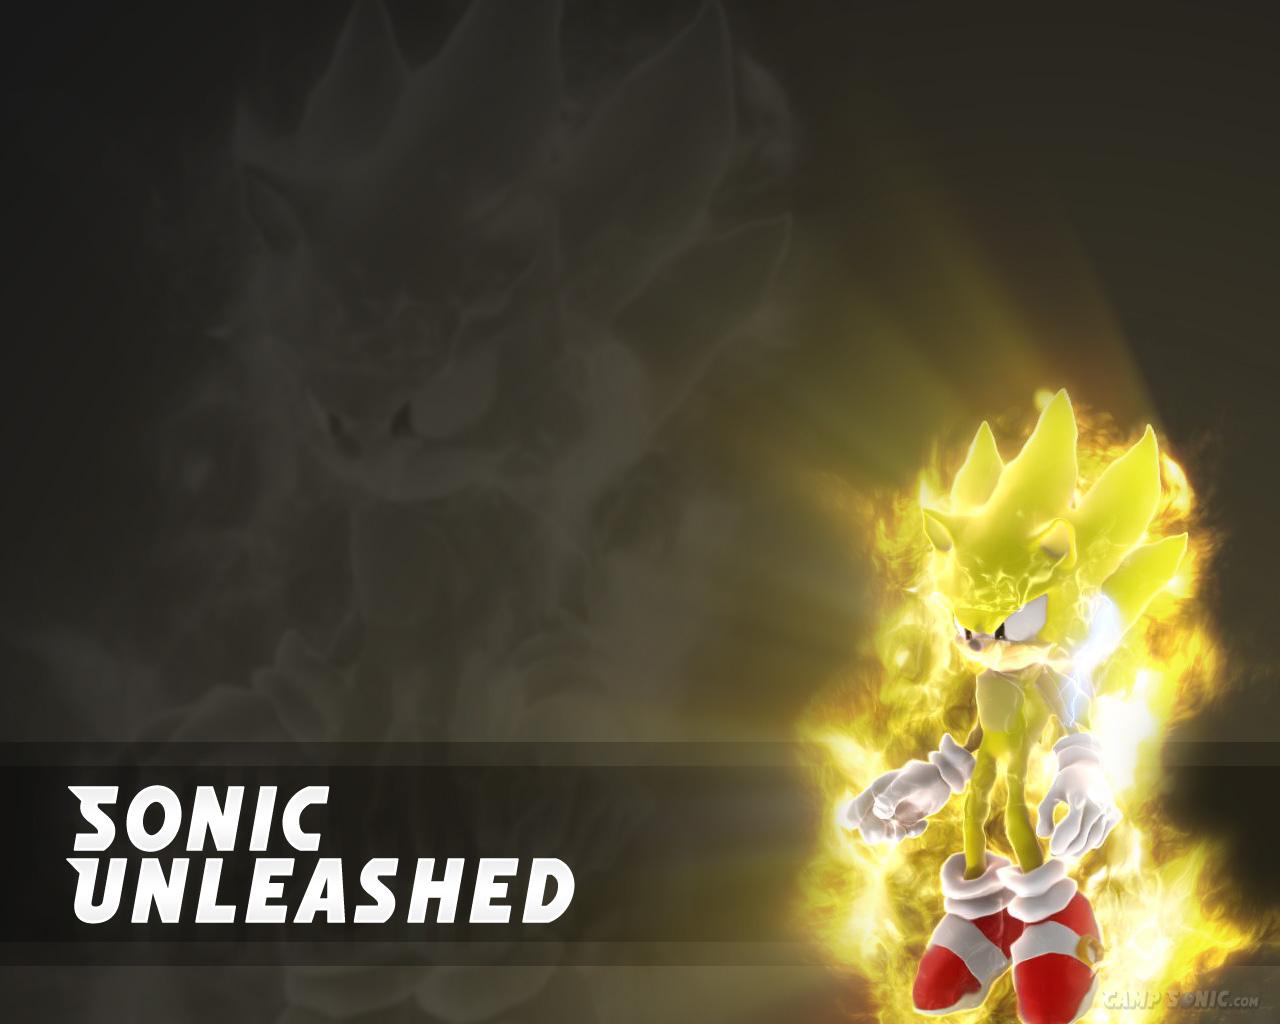 http://1.bp.blogspot.com/_GeHZaEdGW50/S8dCOUP2E7I/AAAAAAAAARo/AEcxCDhfNg0/s1600/Sonic-Unleashed-Wallpaper.jpg